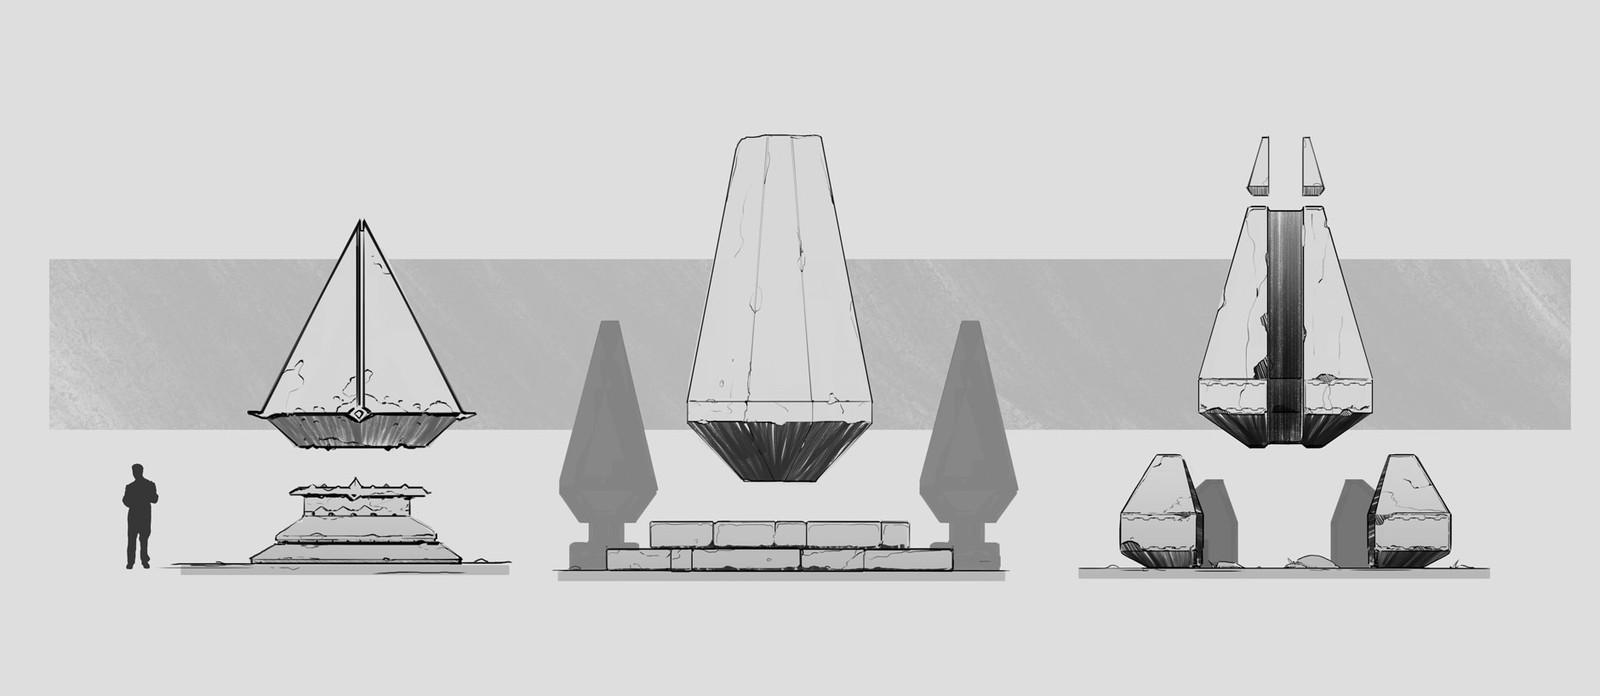 Portal sketches